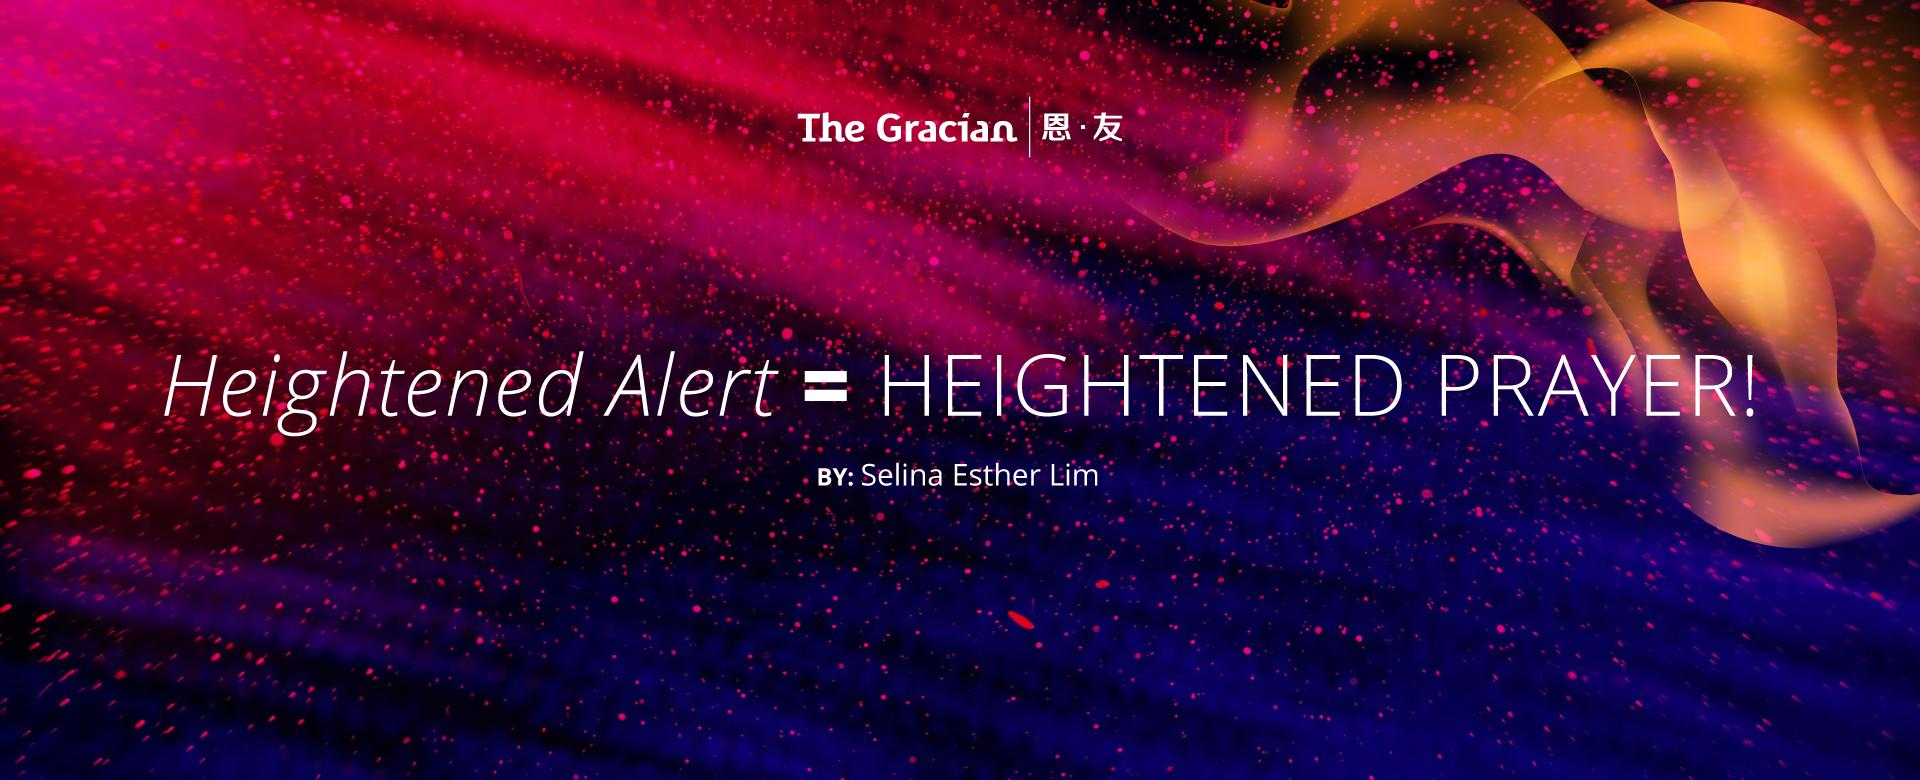 Heightened prayer, J333